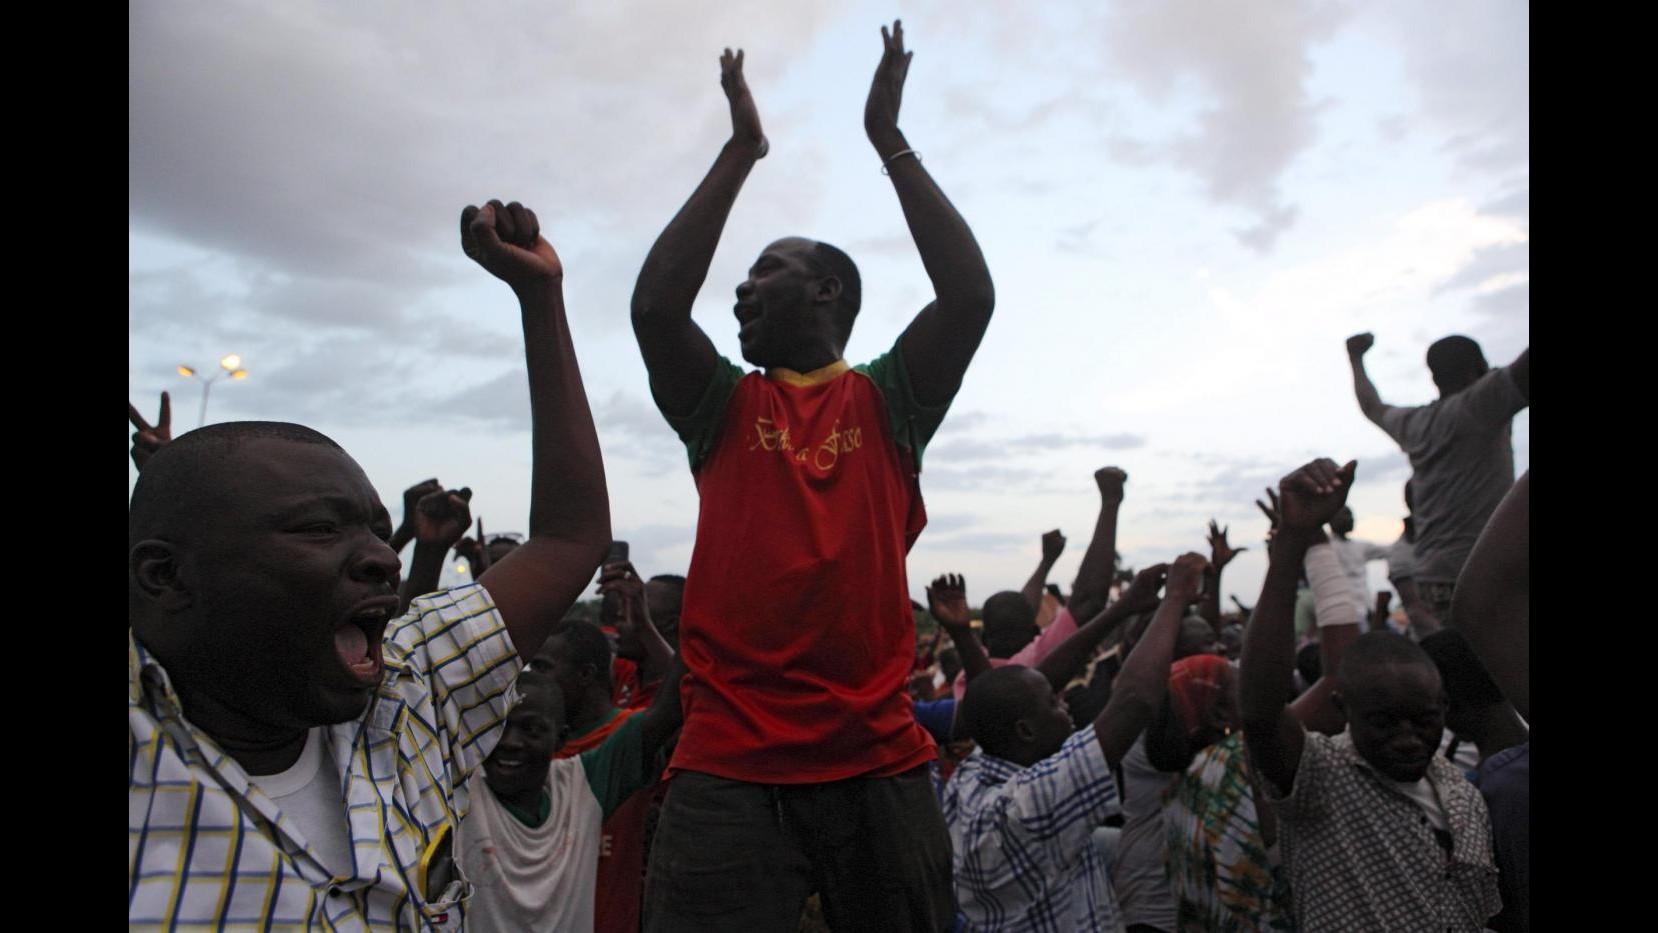 Golpe in Burkina Faso, proteste represse: un morto e diversi feriti